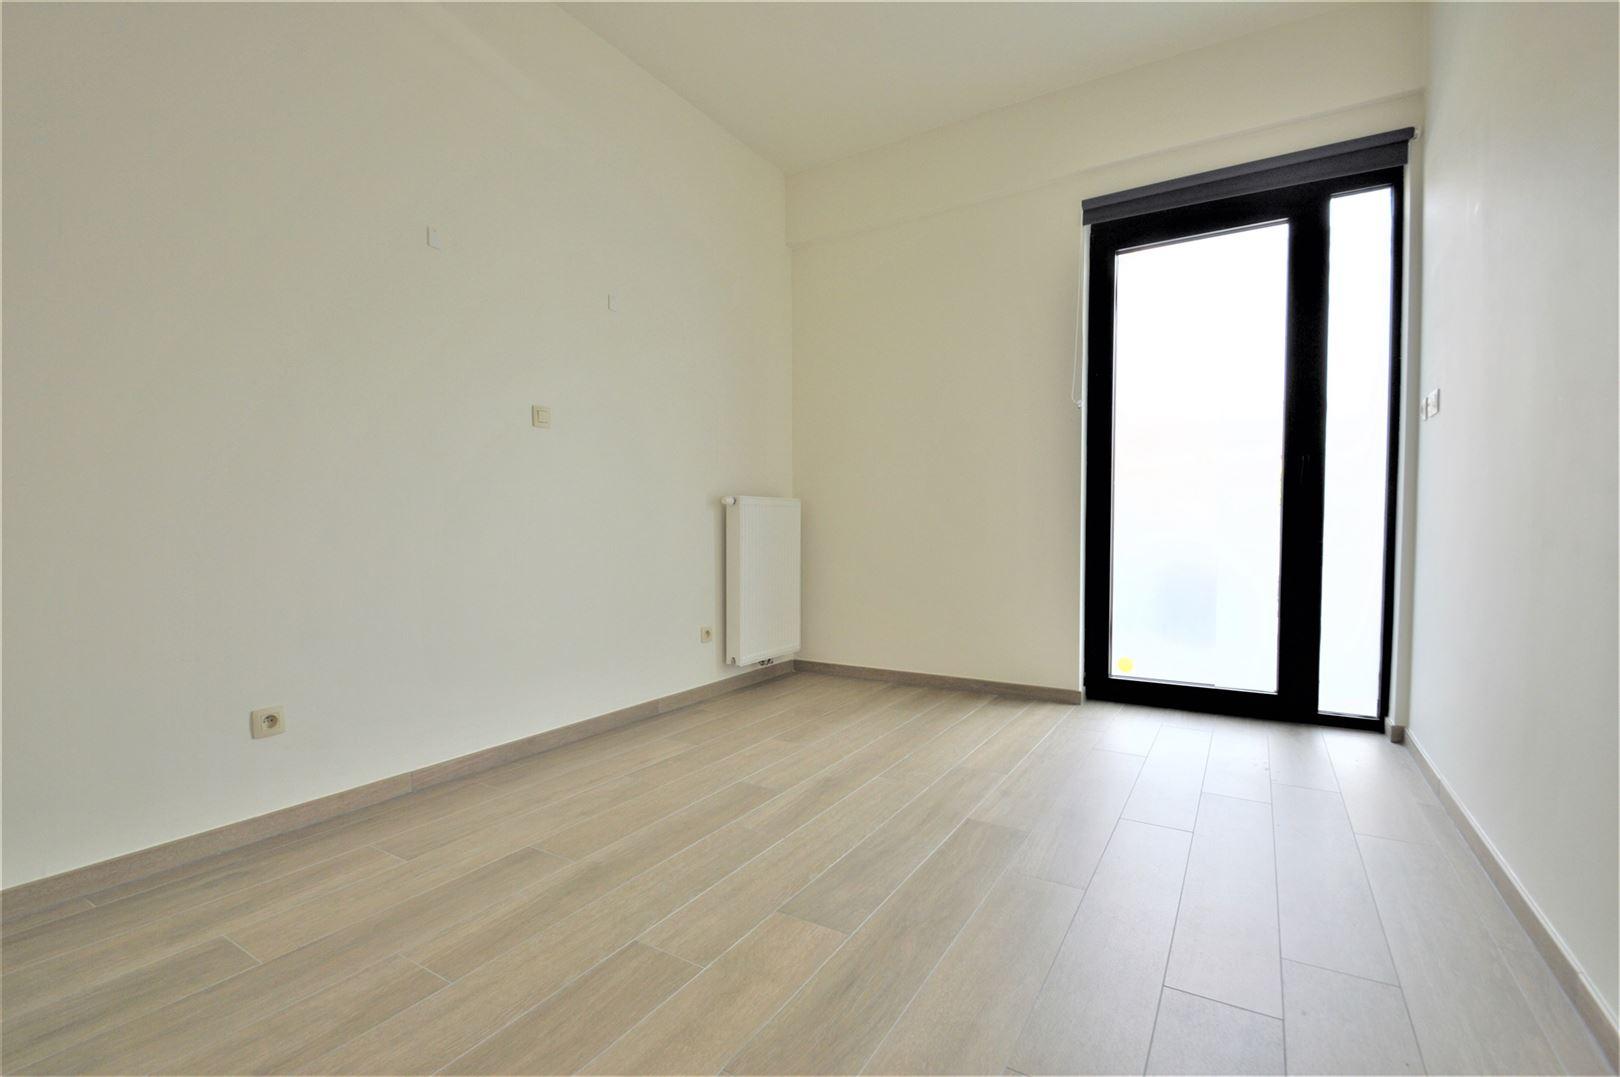 Foto 10 : Appartement te 9200 SINT-GILLIS-BIJ-DENDERMONDE (België) - Prijs € 775